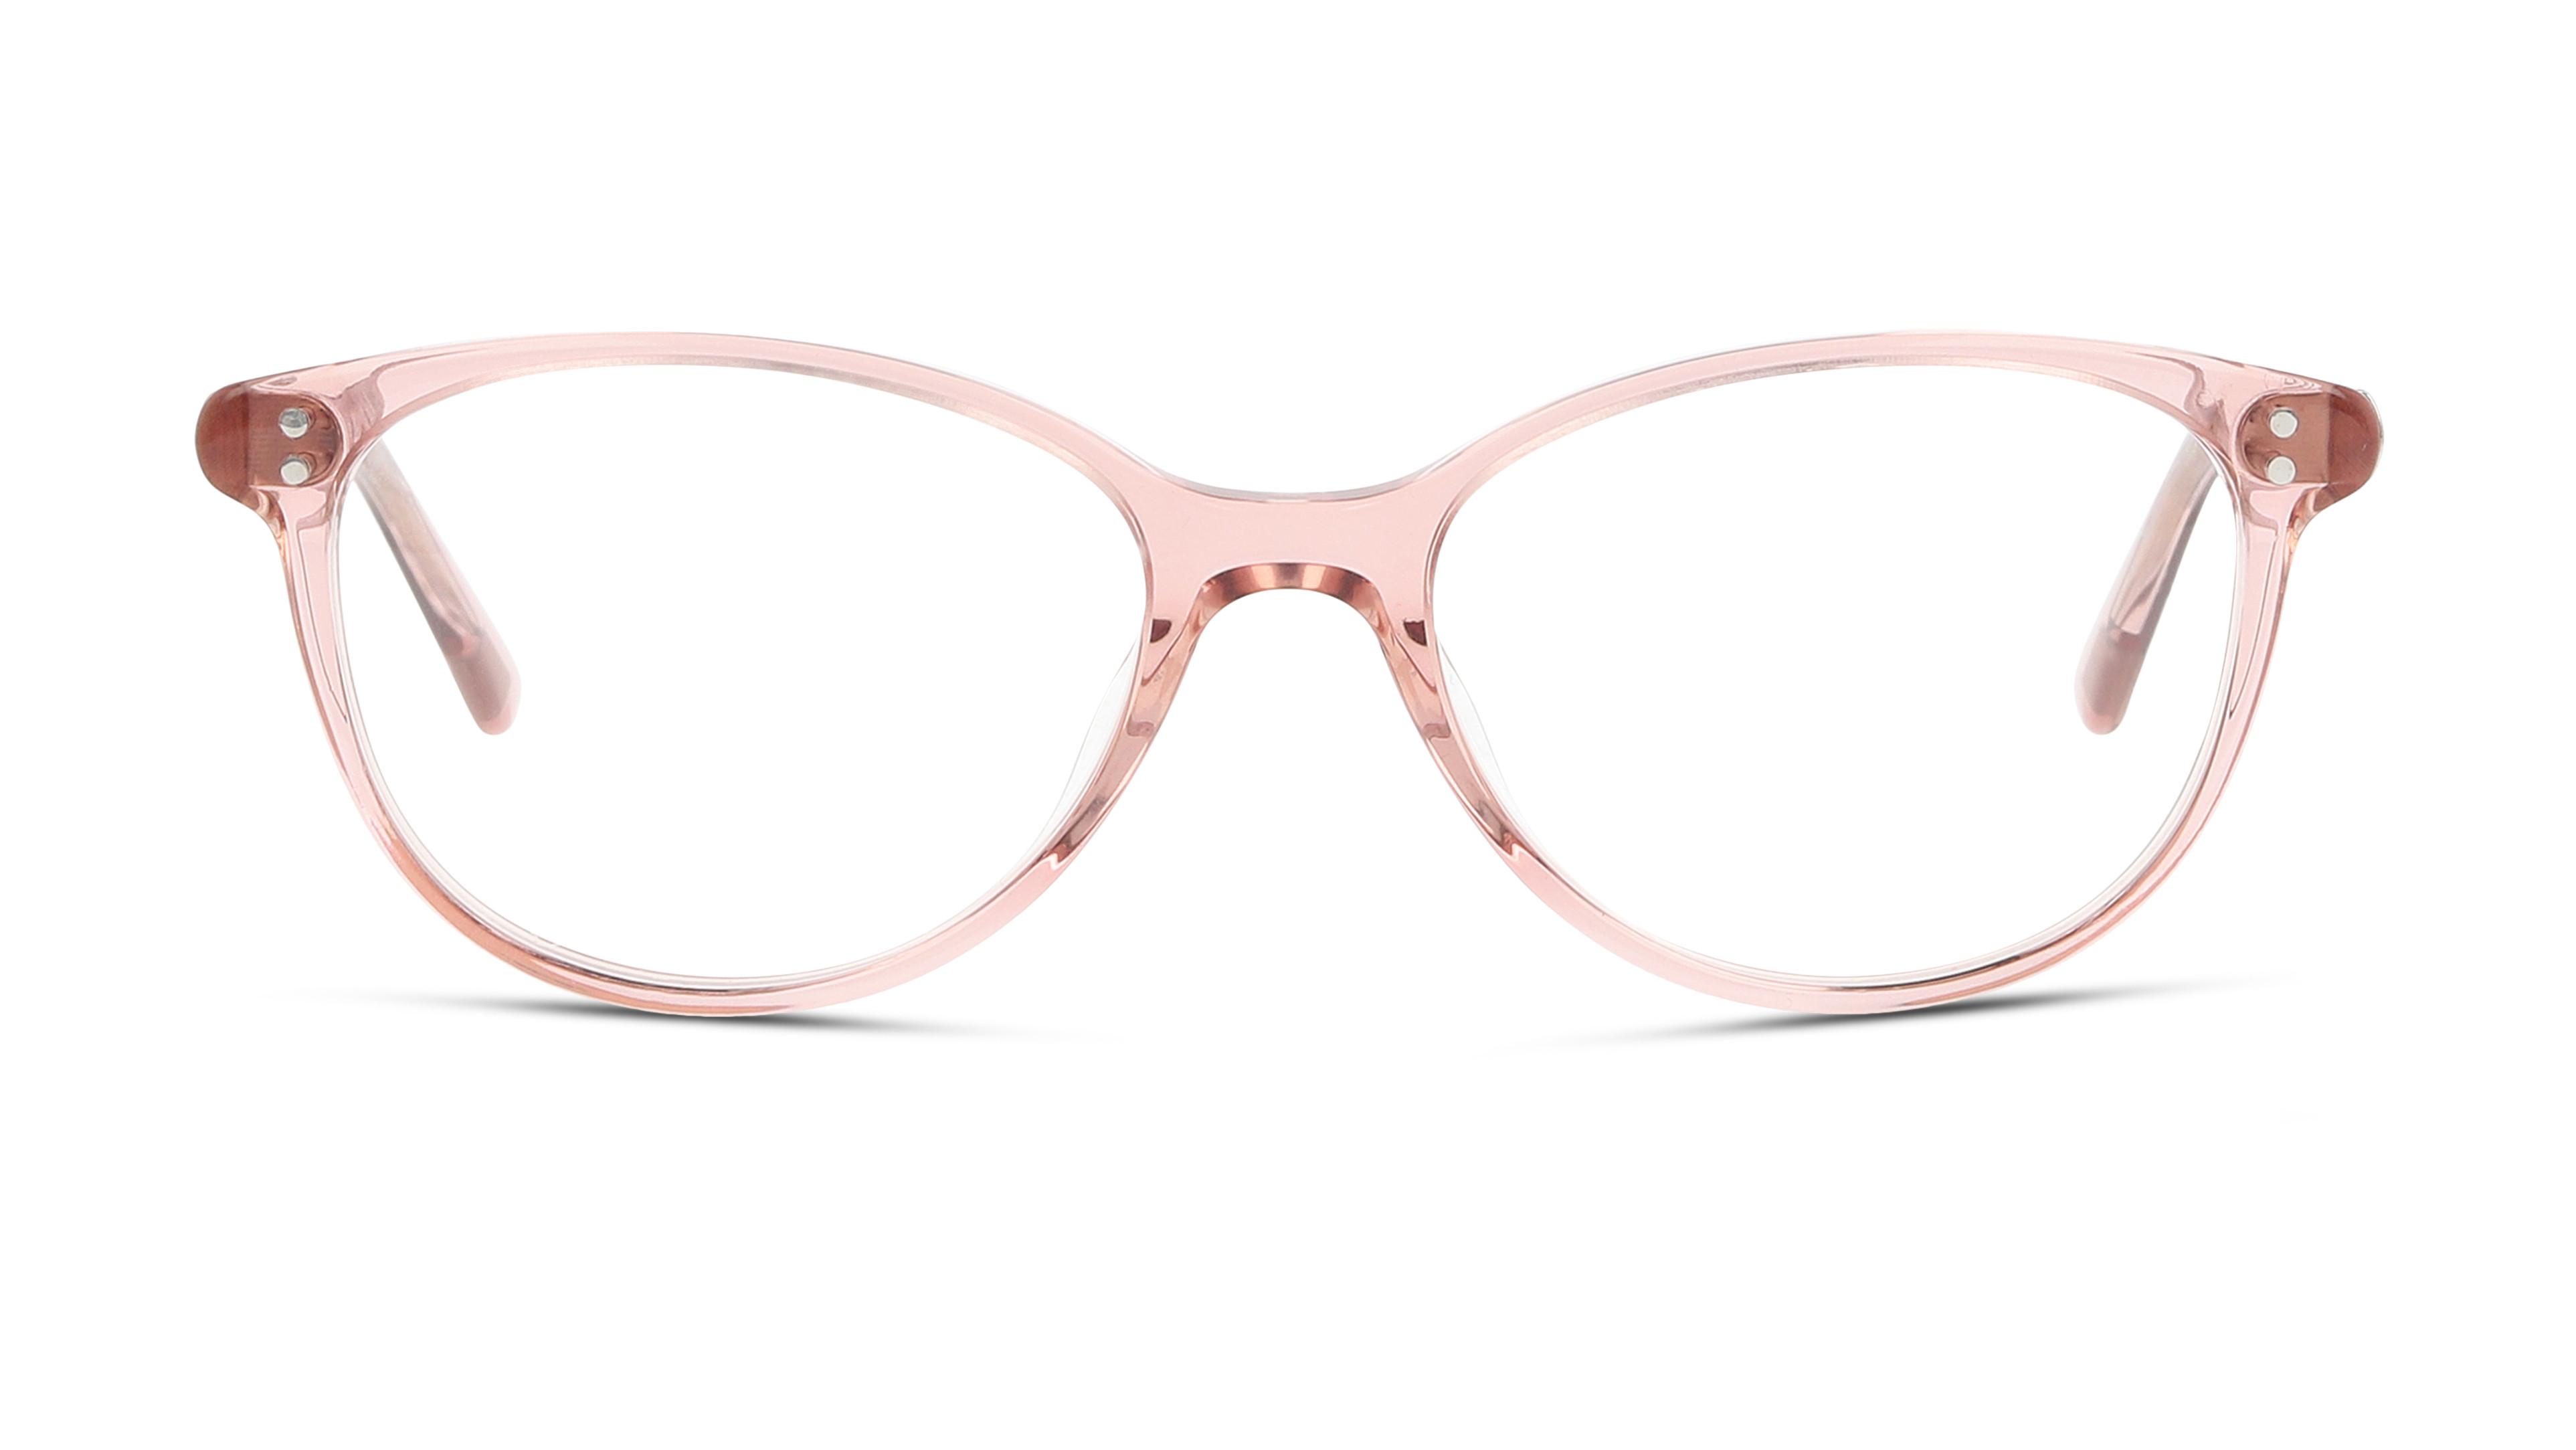 8719154736544-front-Unofficial-Brillenfassung-unof0123-silk-1-pink-pink